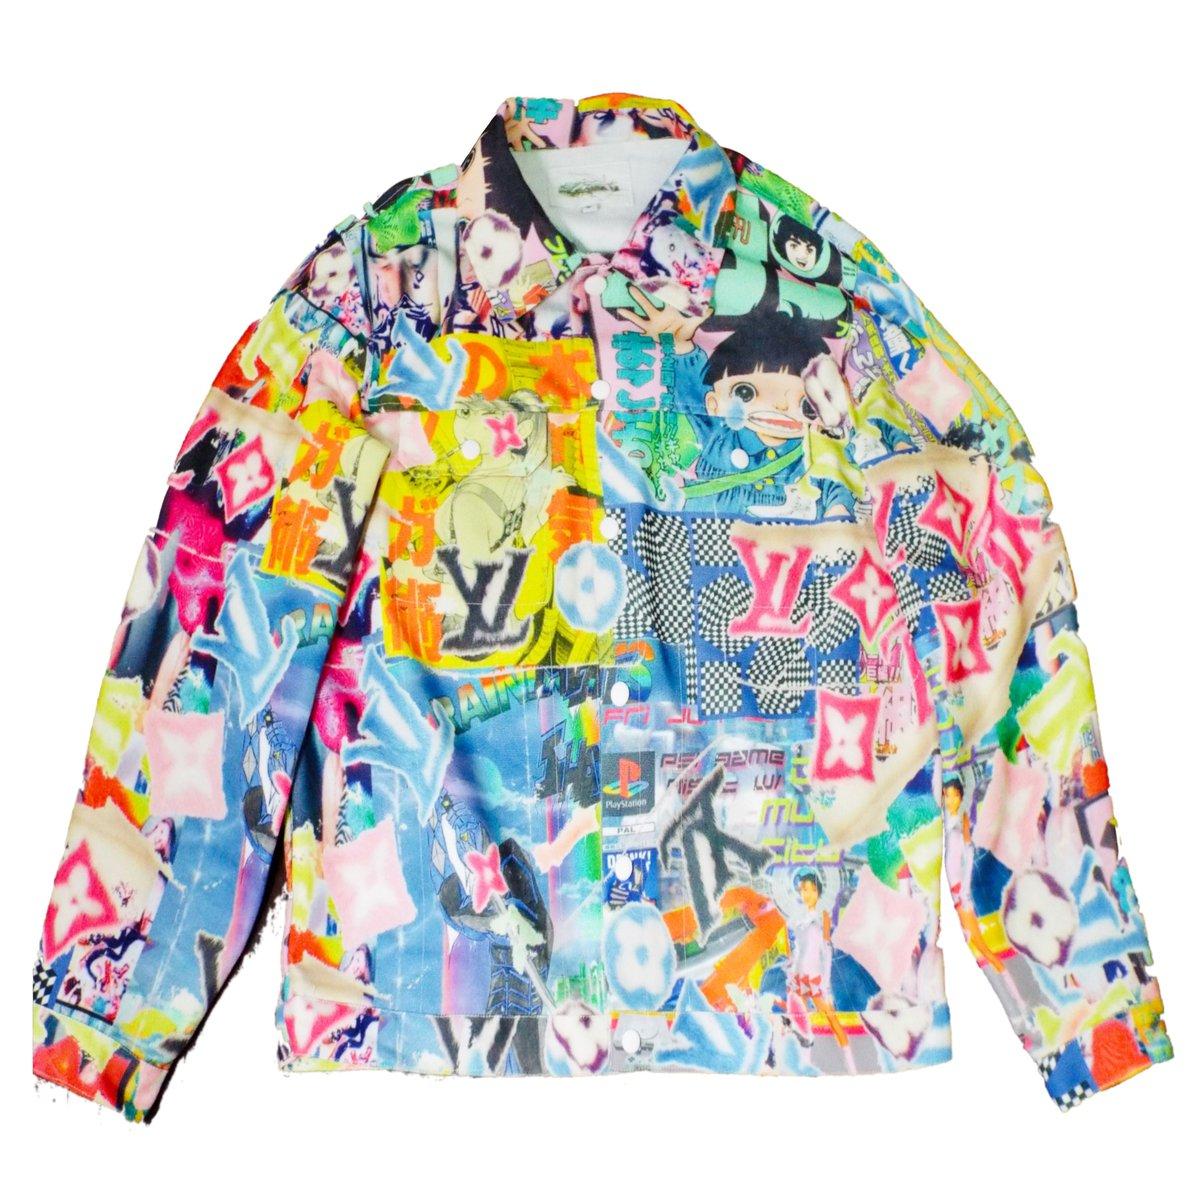 Image of Confetti Jacket